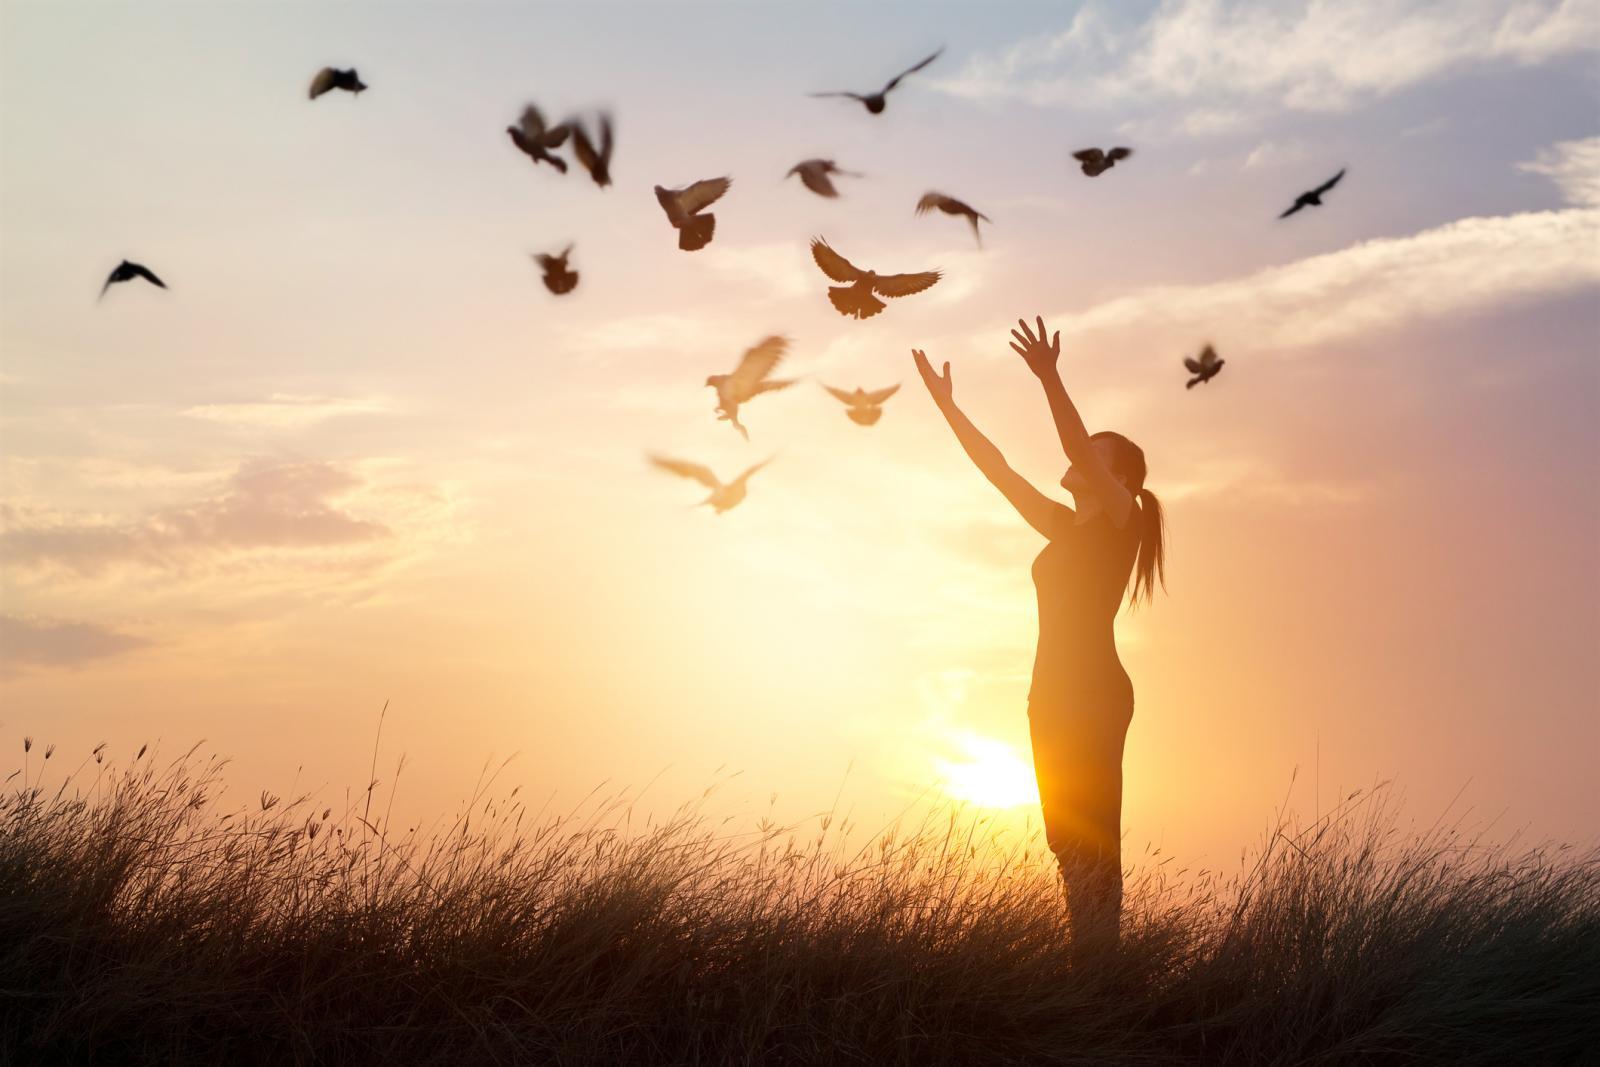 Opraštanje je način da uhvatimo ispuštene očice u tkanju naših međusobnih odnosa.